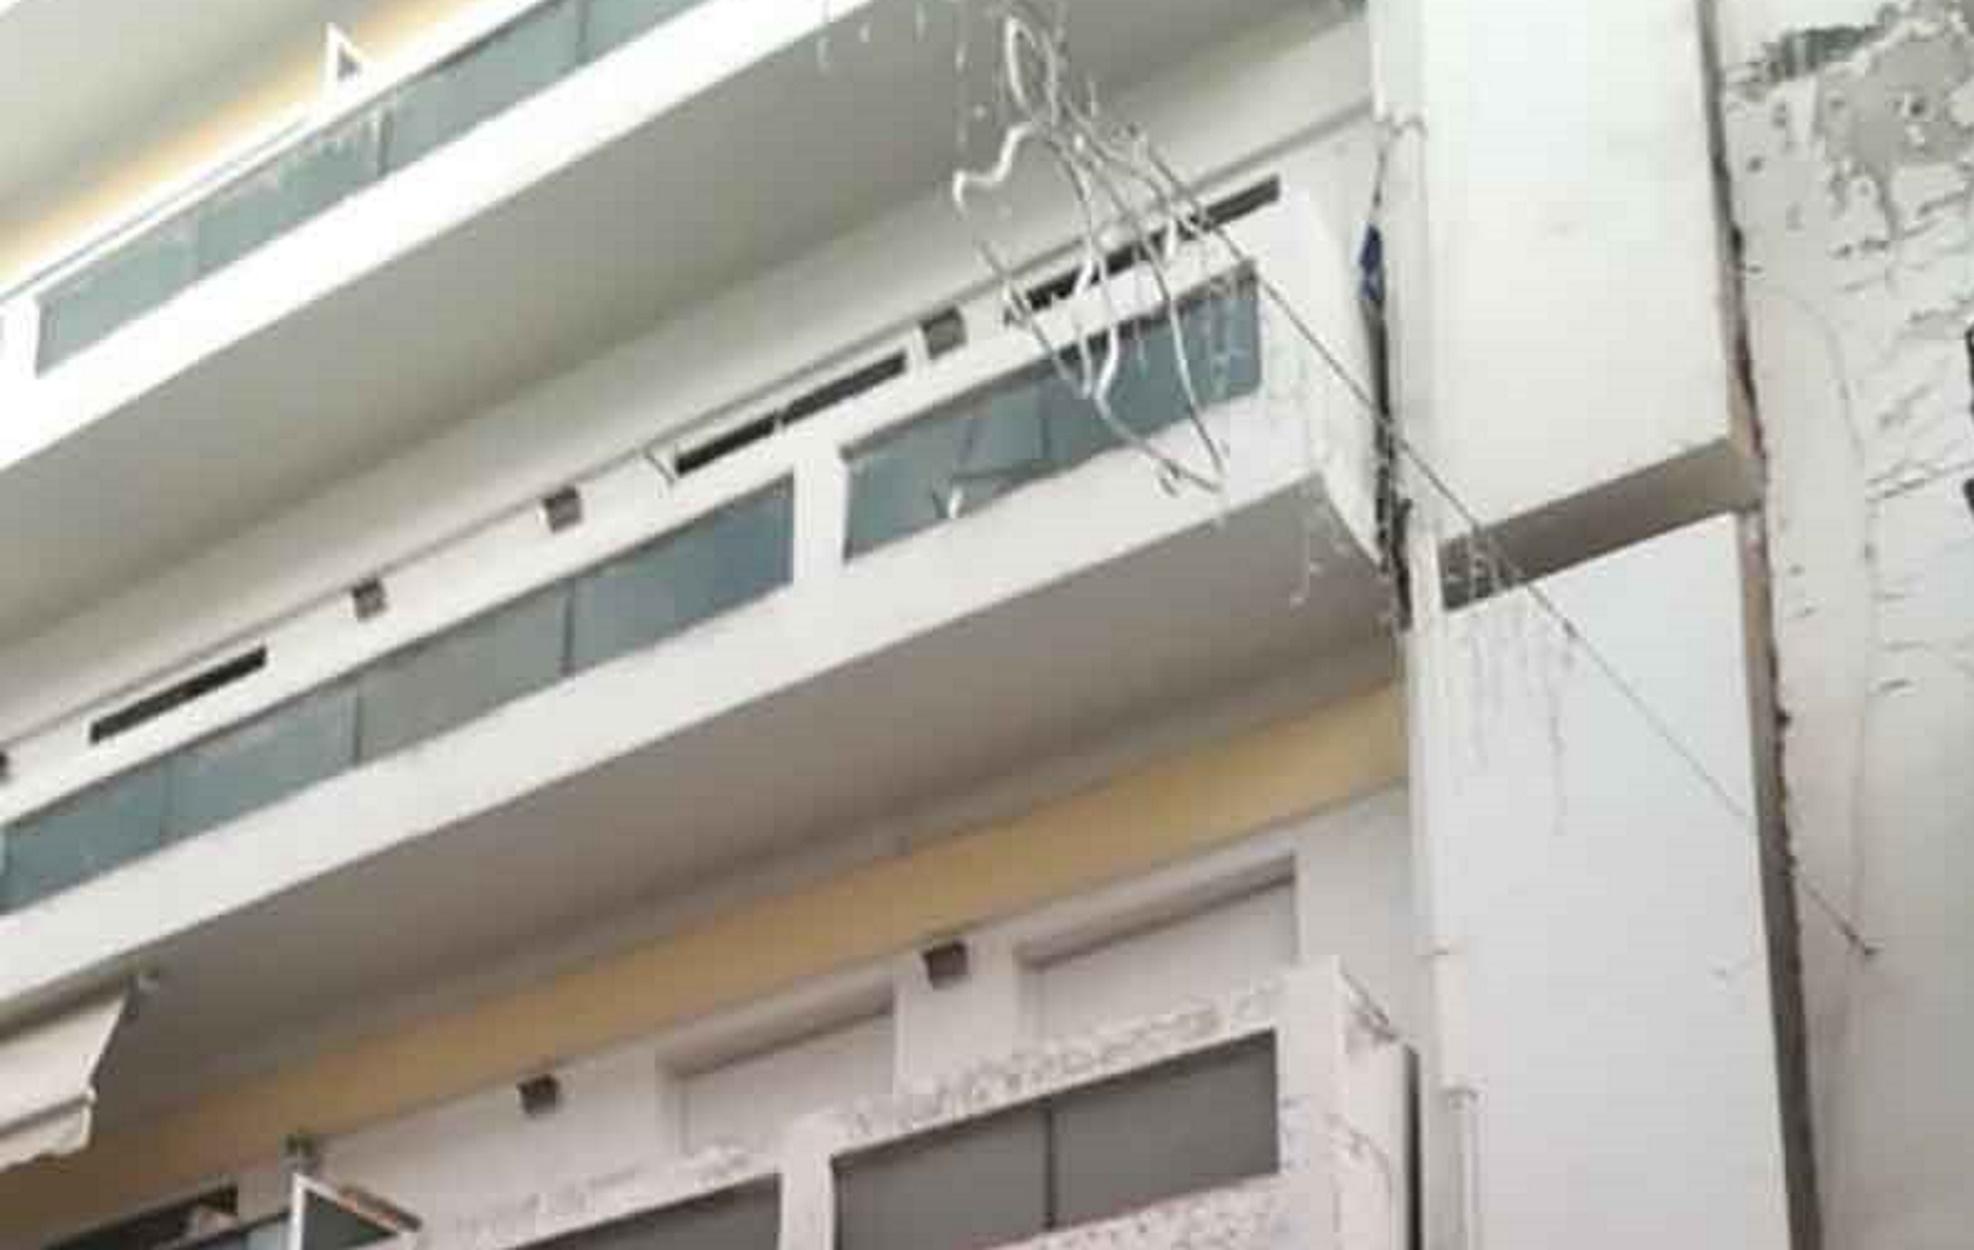 Κοζάνη: Γυναίκα έπεσε από τον 2ο όροφο πολυκατοικίας (pics)